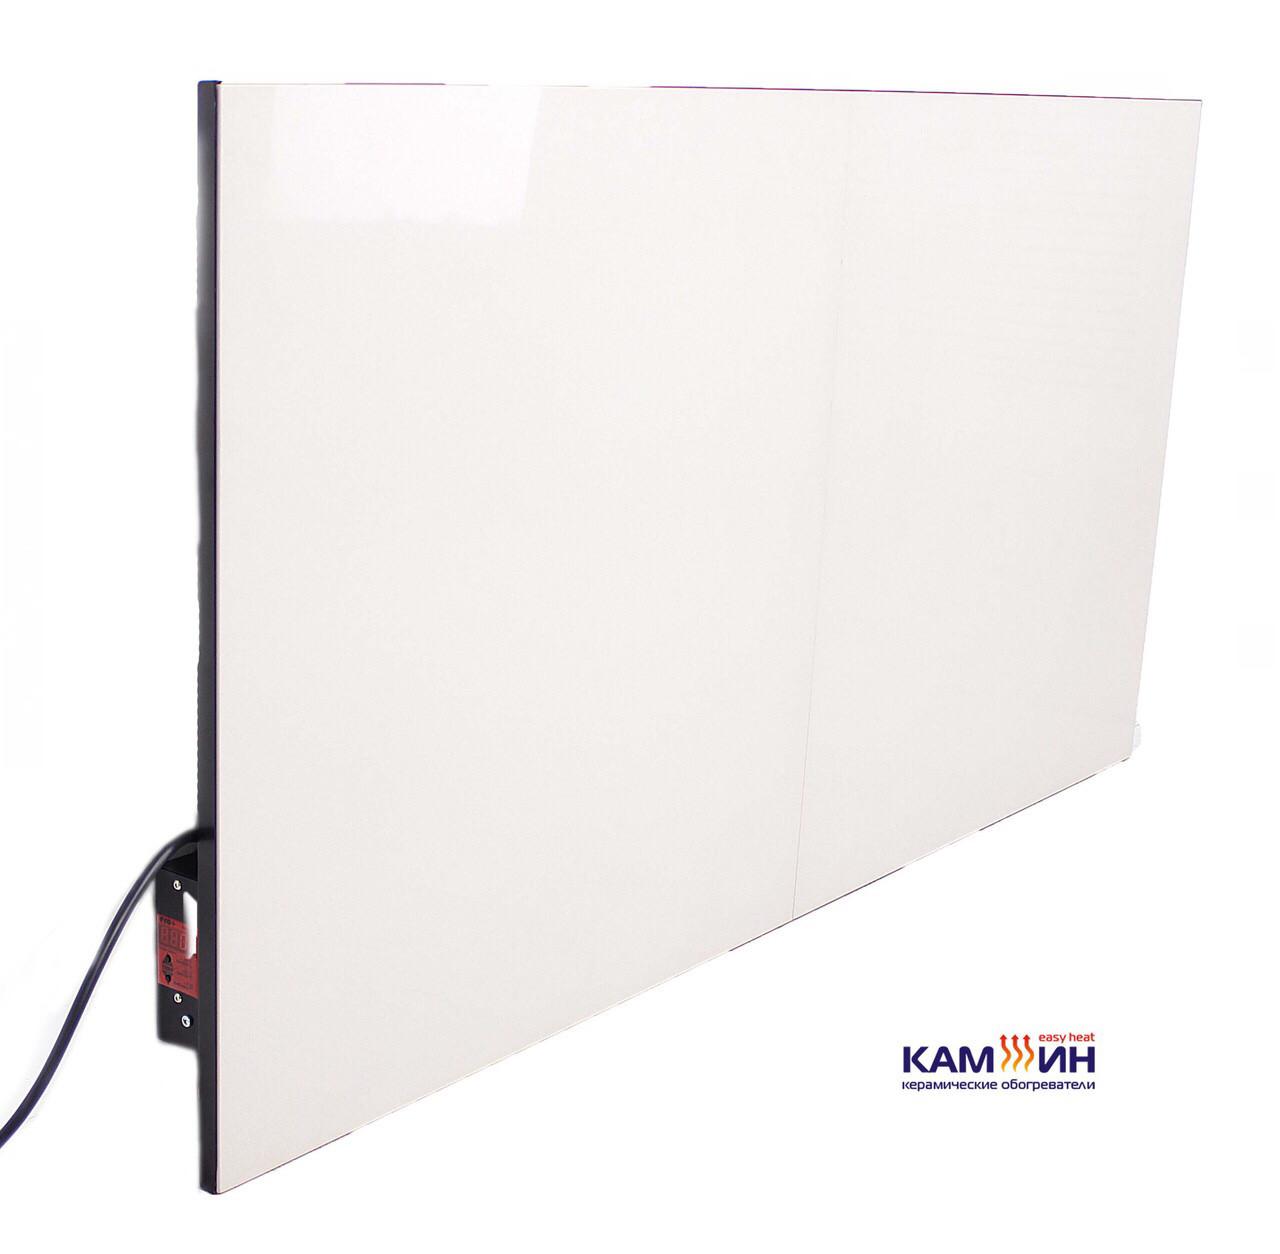 Керамическая панель отопления бежевая 950 Вт ТМ Камин